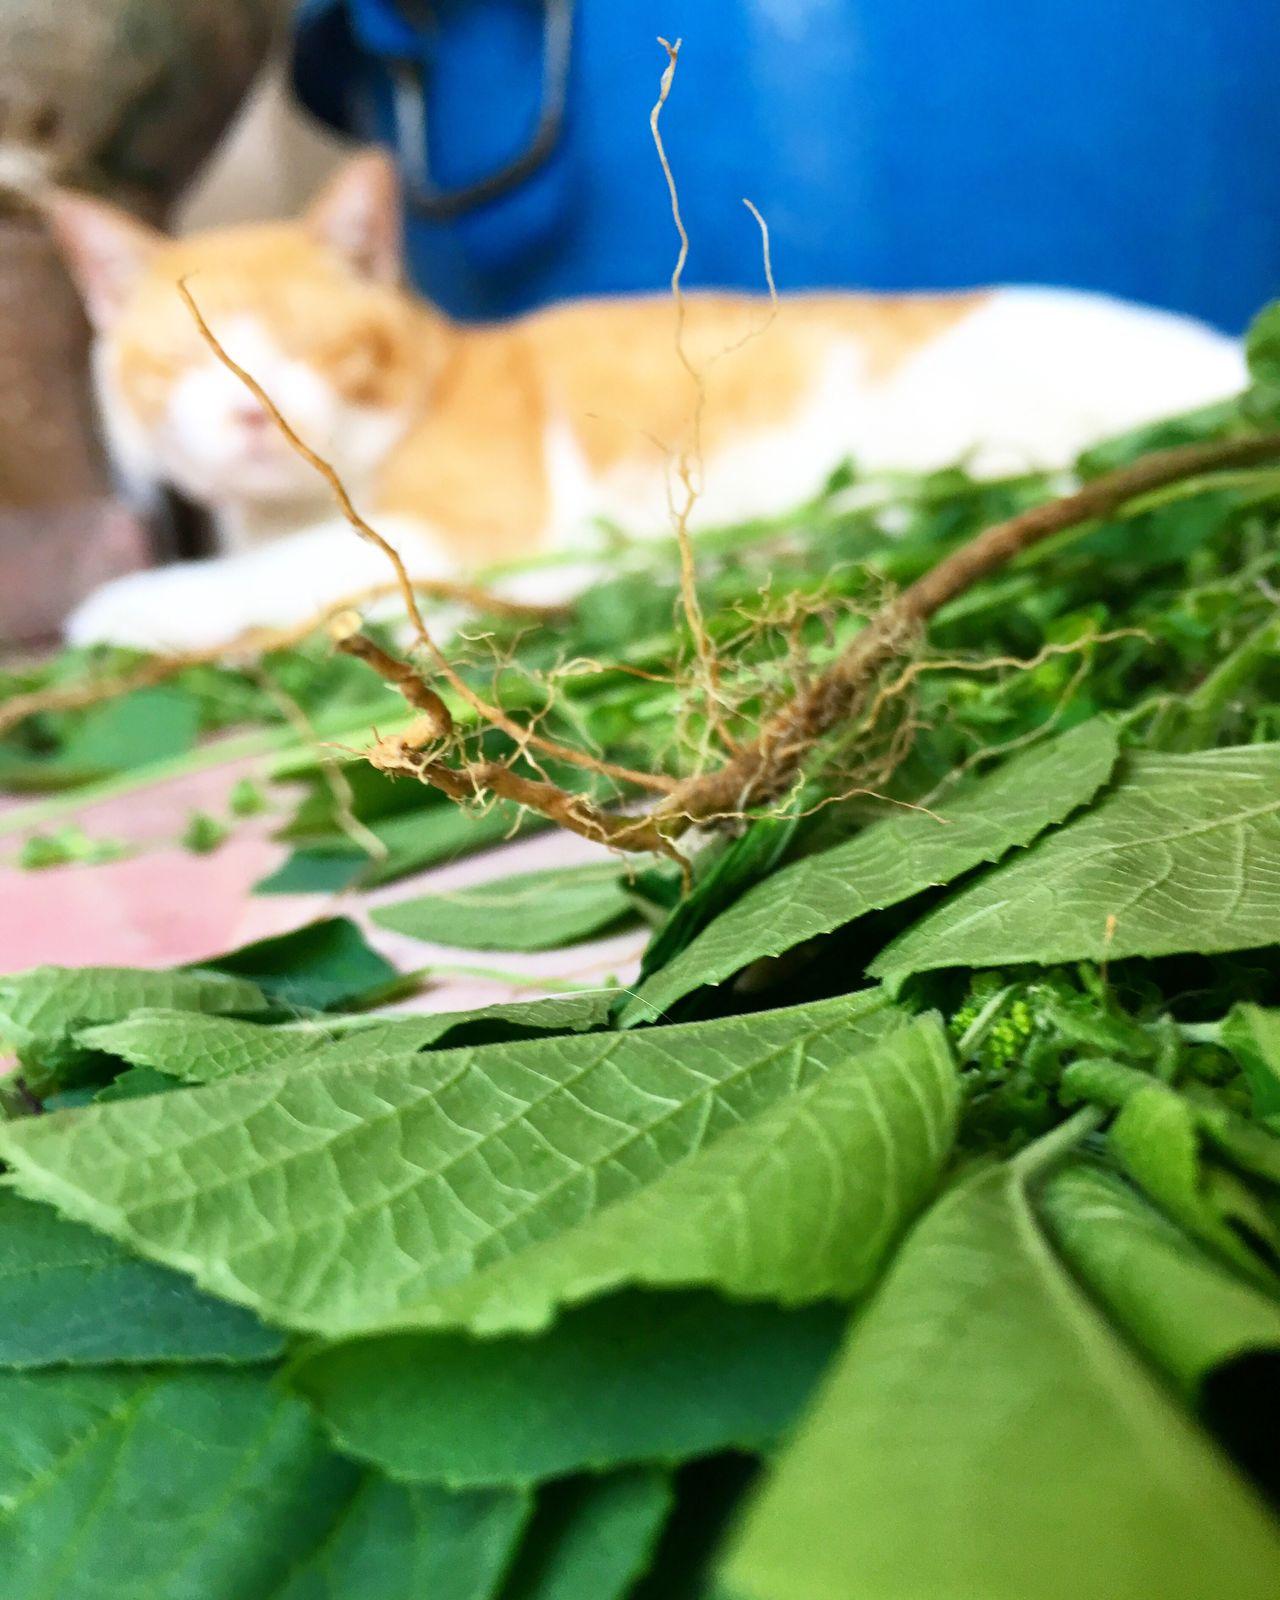 ไมโลเมาหนักมาก 😂😂😂😂 #กัญชาแมว Leaf Green Color Plant Growth Nature Close-up No People Day Outdoors Beauty In Nature Freshness Food Catnip Catnipaddict